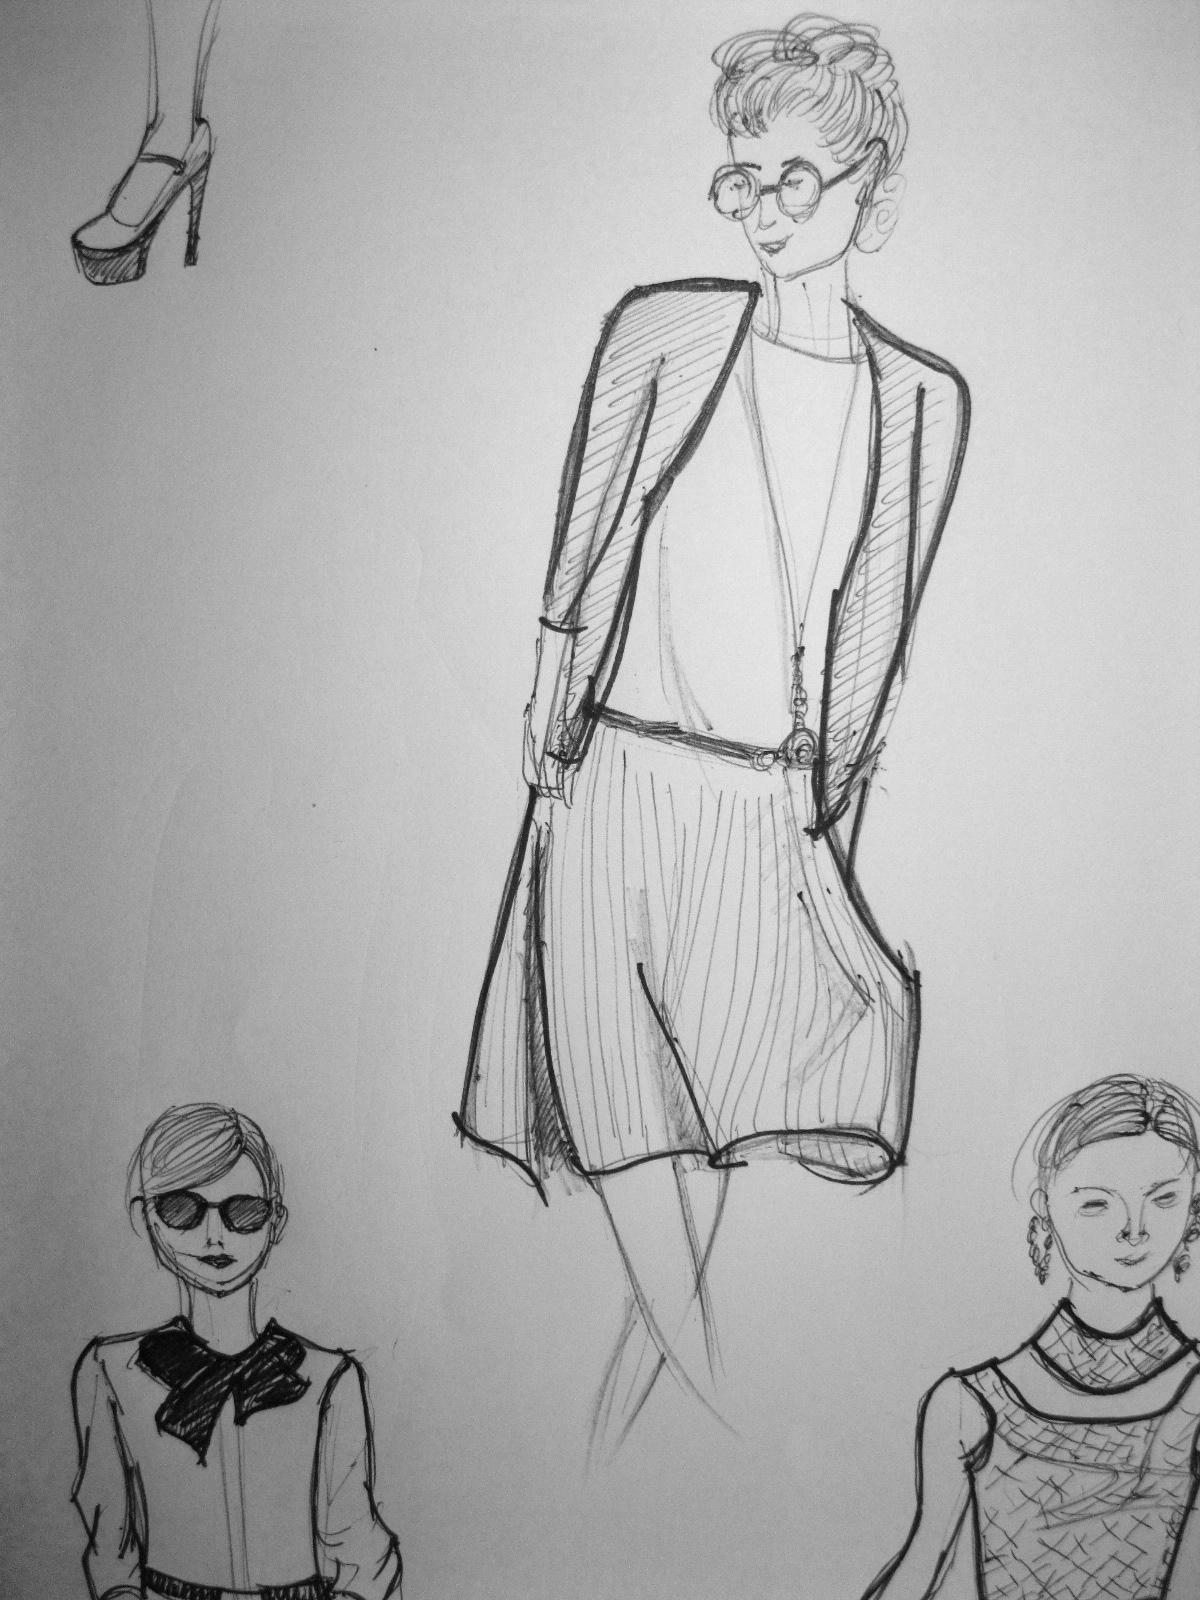 设计图分享 小学生服装设计图手稿 > 服装设计图初图展示  服装设计图